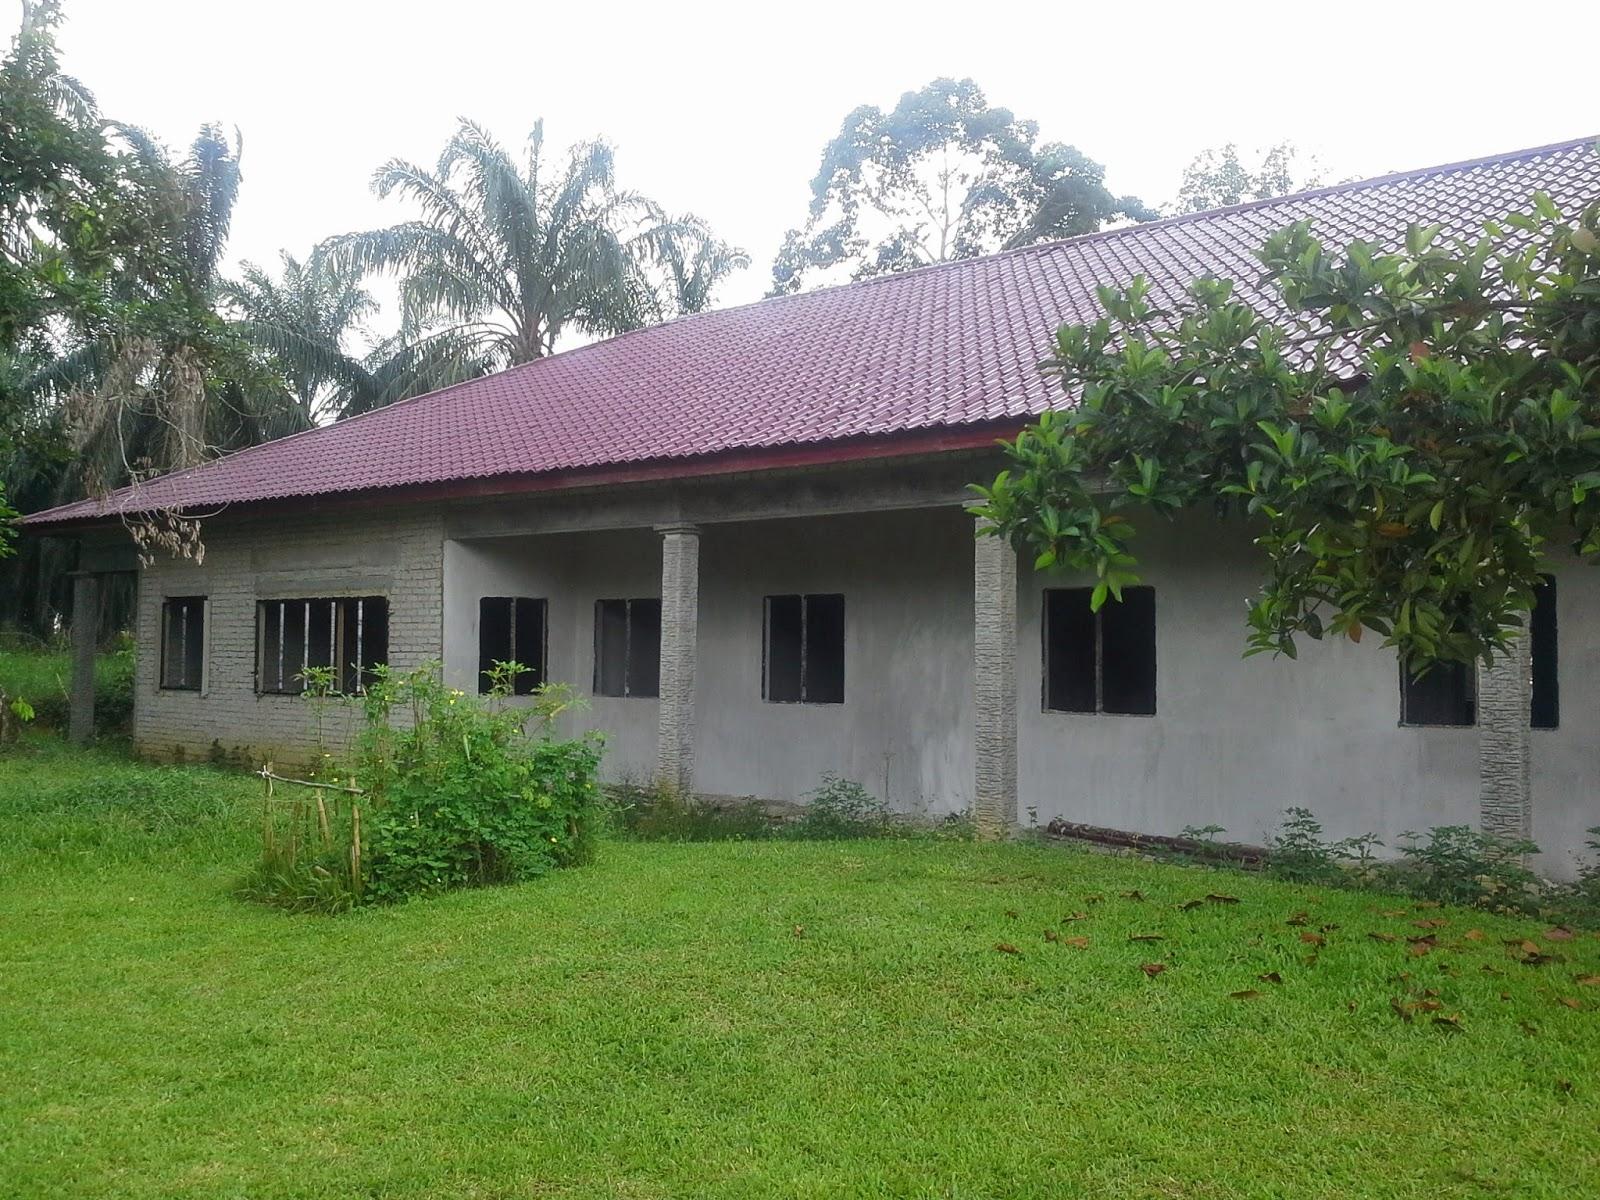 Membina Dan Menyiapkan Sebuah Rumah Di Kampung Batu 7 Block 3